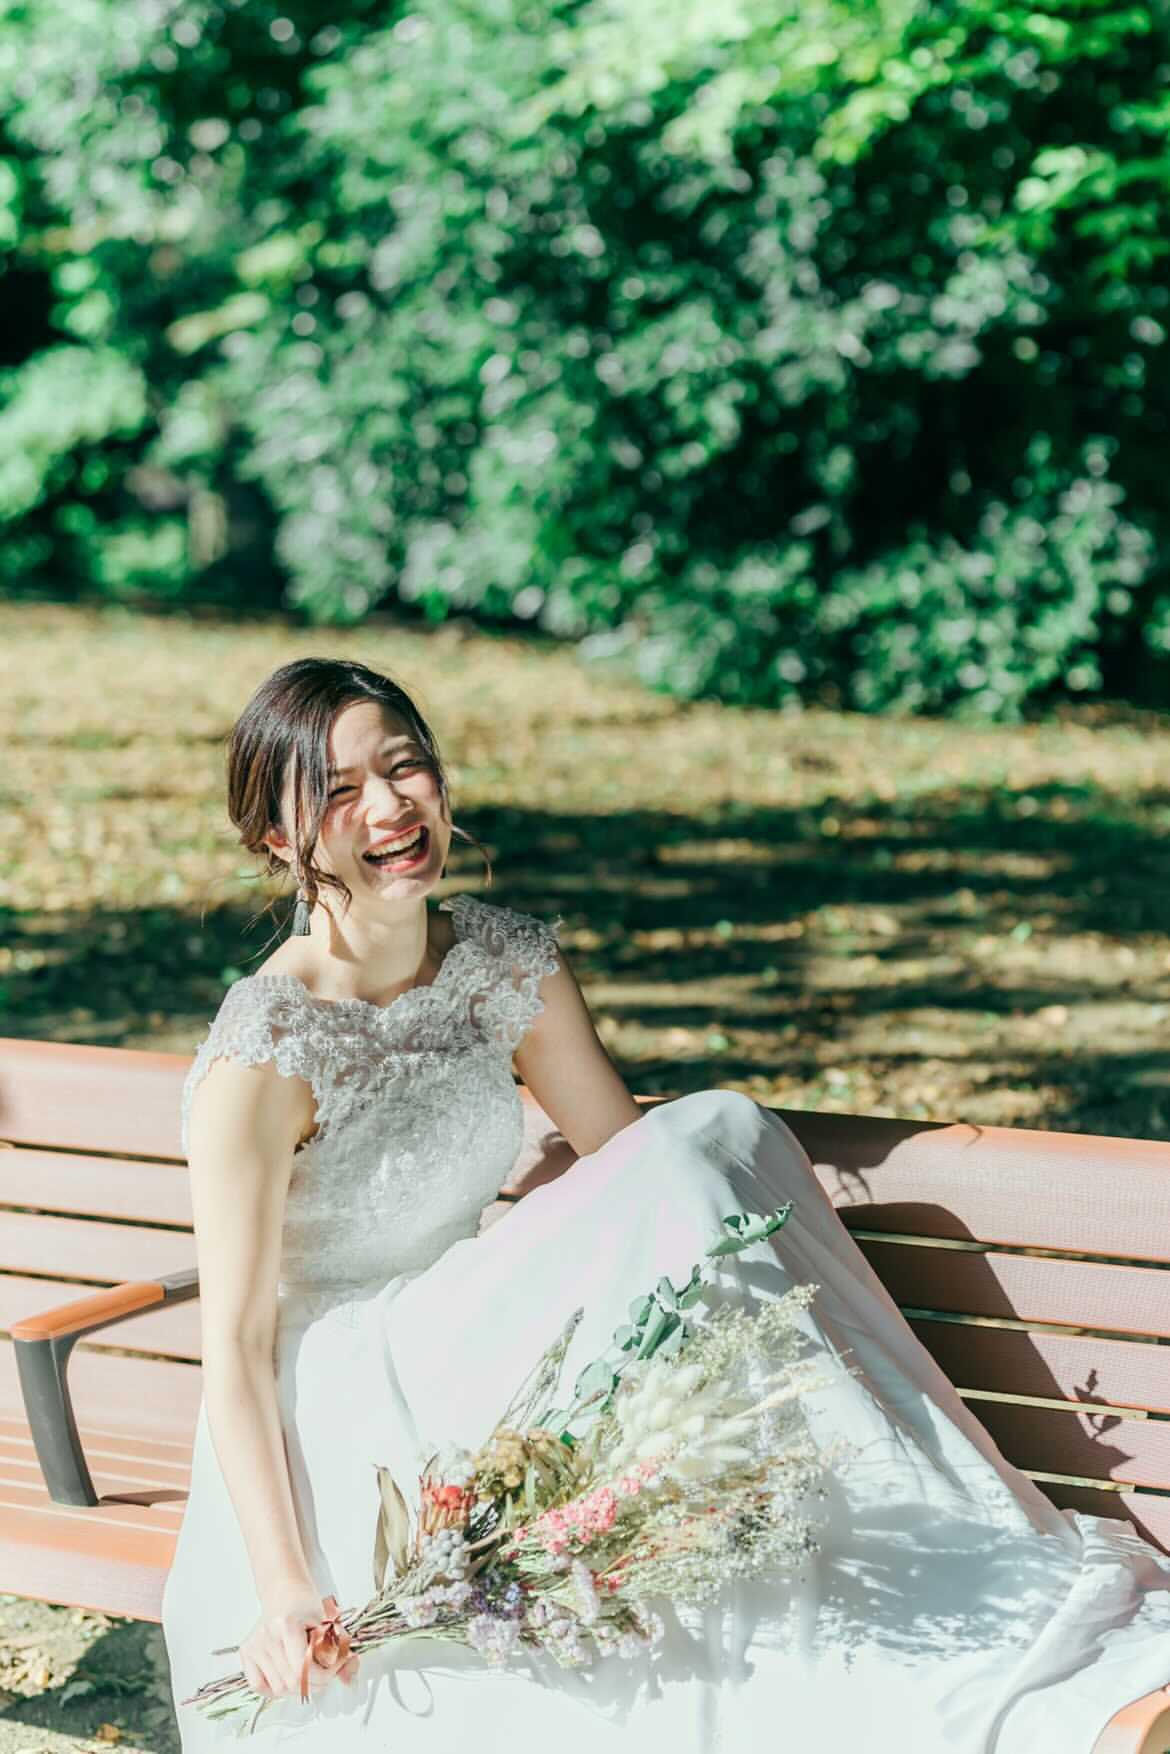 花嫁様からwedoドレス着用時のお写真を頂戴しました♡